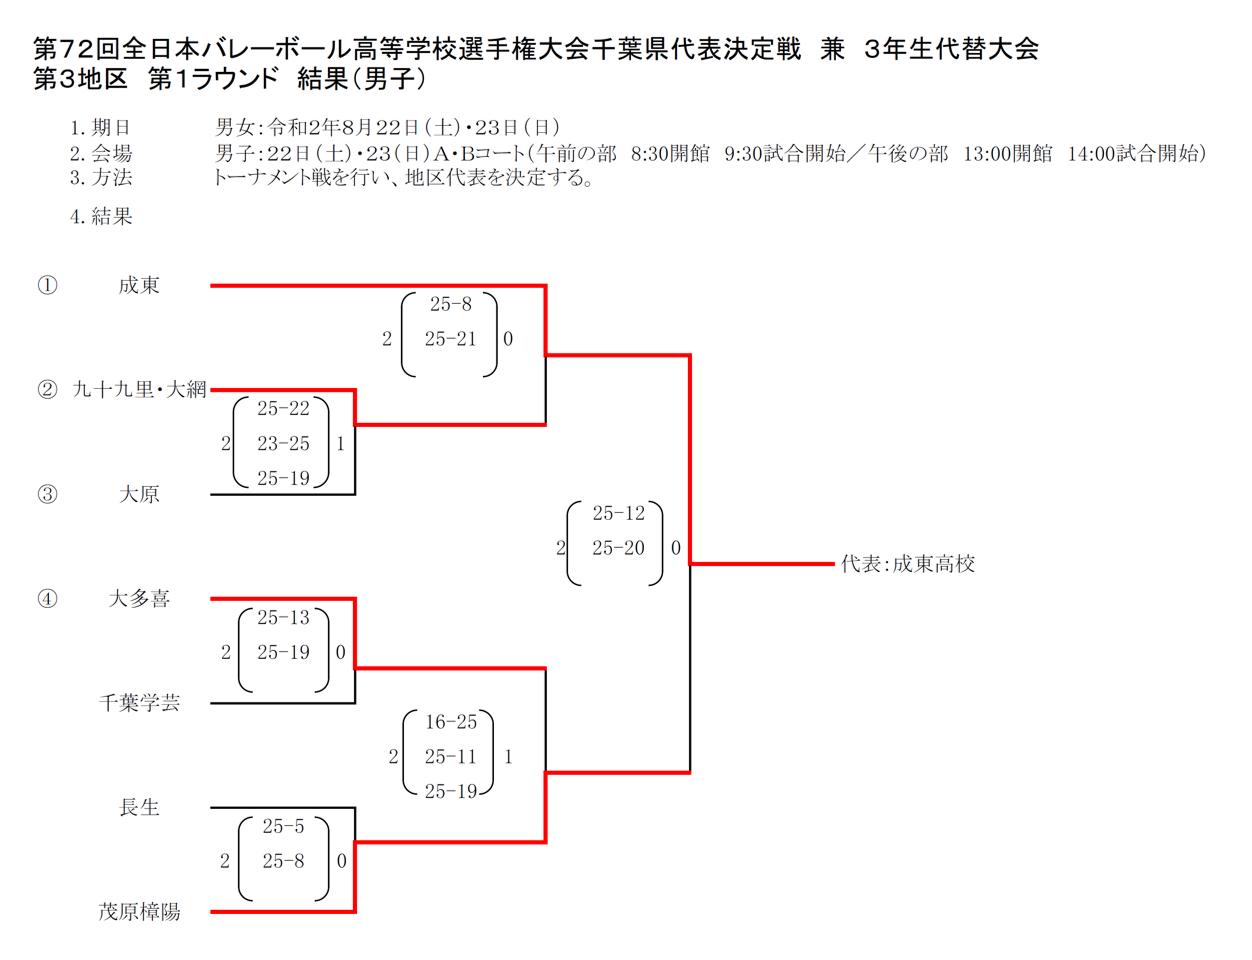 2021春高_千葉予選_1次ラウンド_第3地区_男子_結果